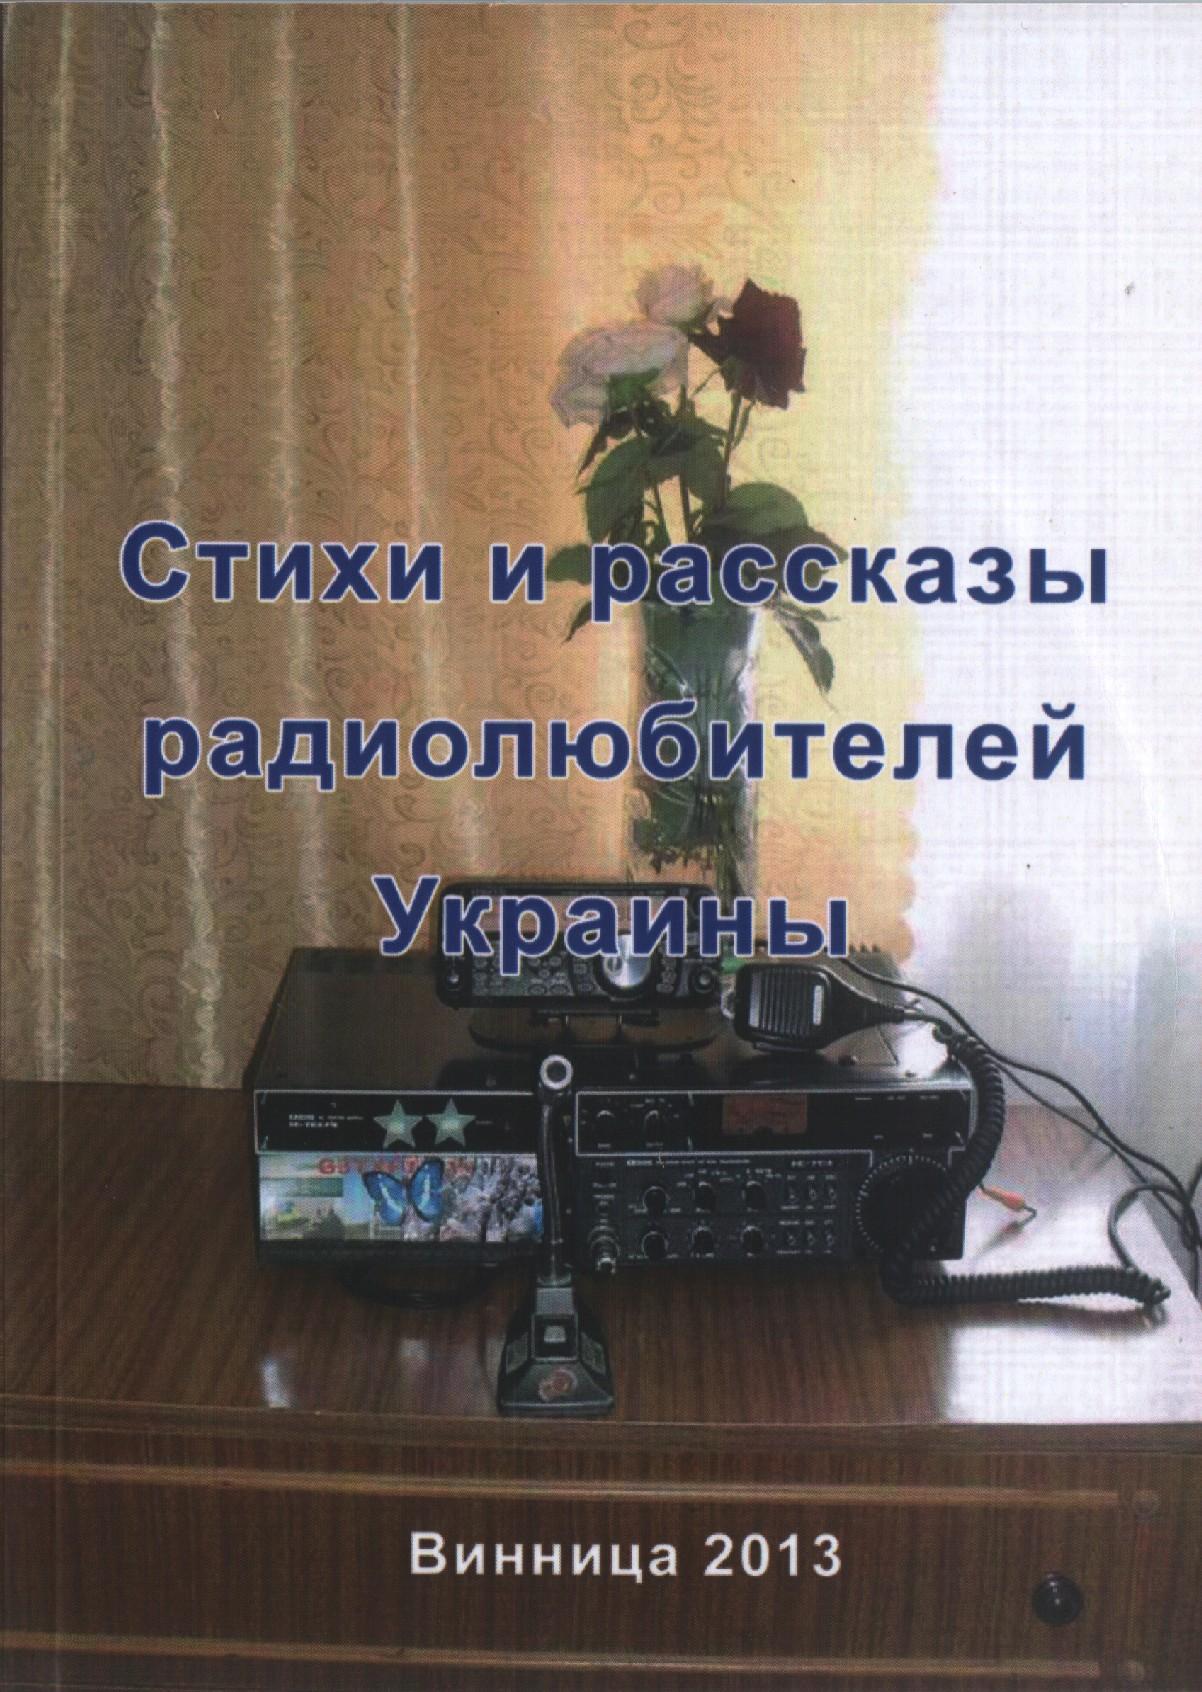 Стихи и рассказы радиолюбителей Украины